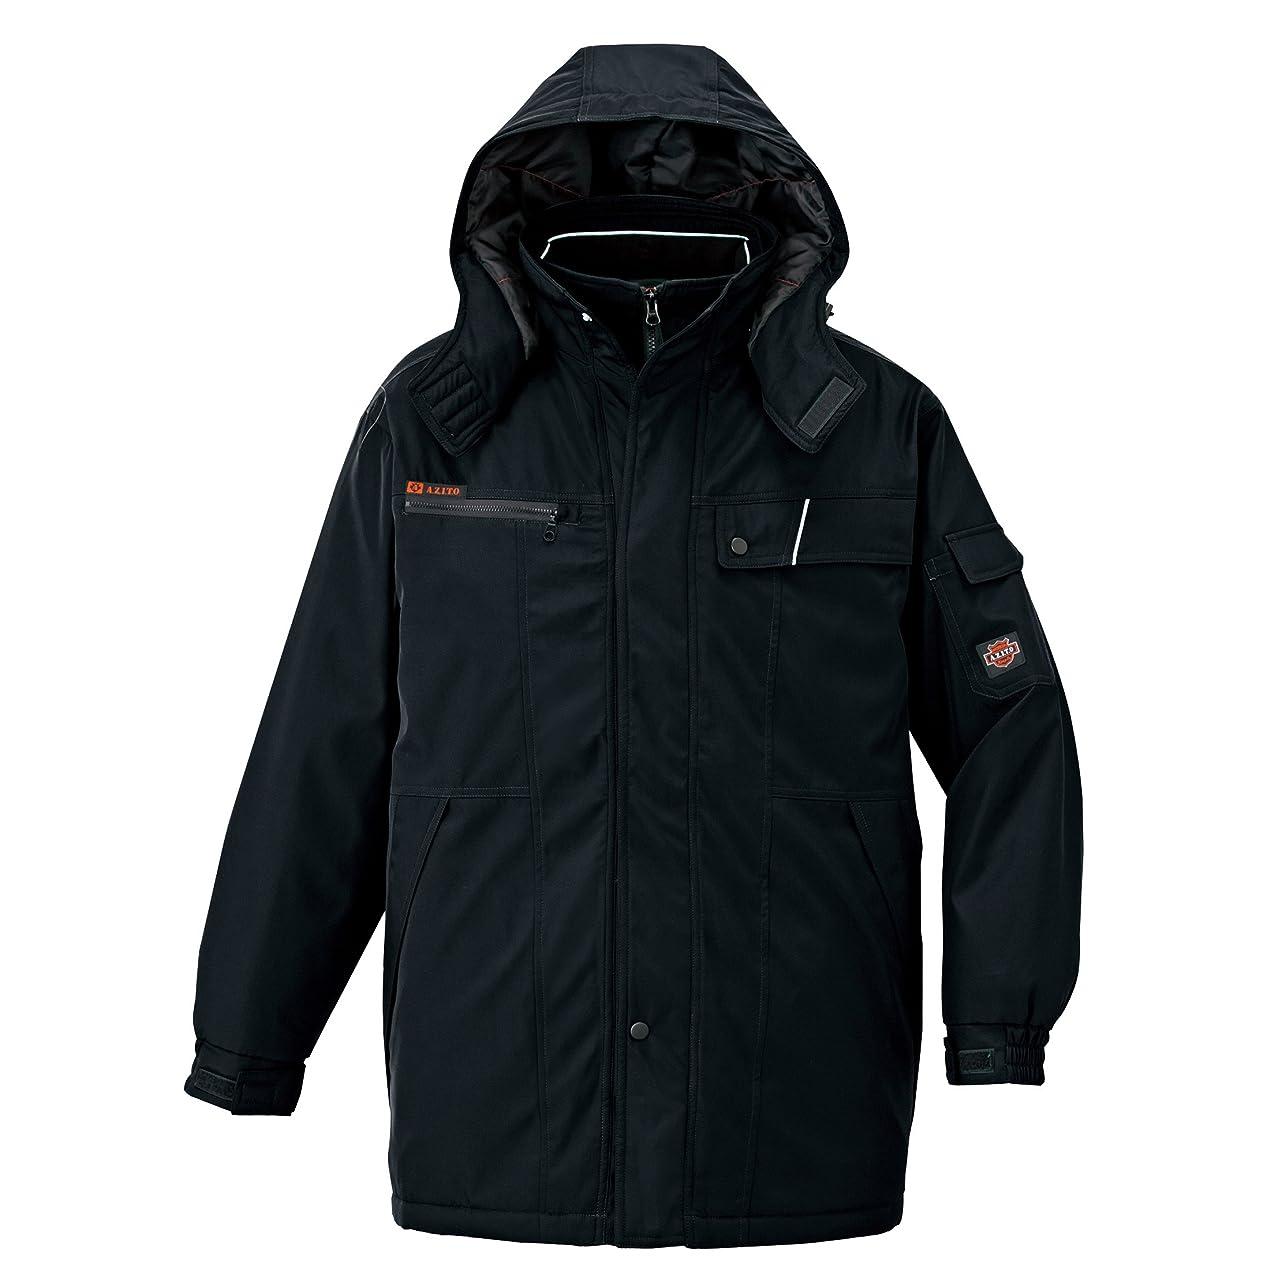 卒業そこから赤外線【AITOZ】 アイトス 防風 防寒着 防寒コート (AZ8560) 【SS~6Lサイズ展開】